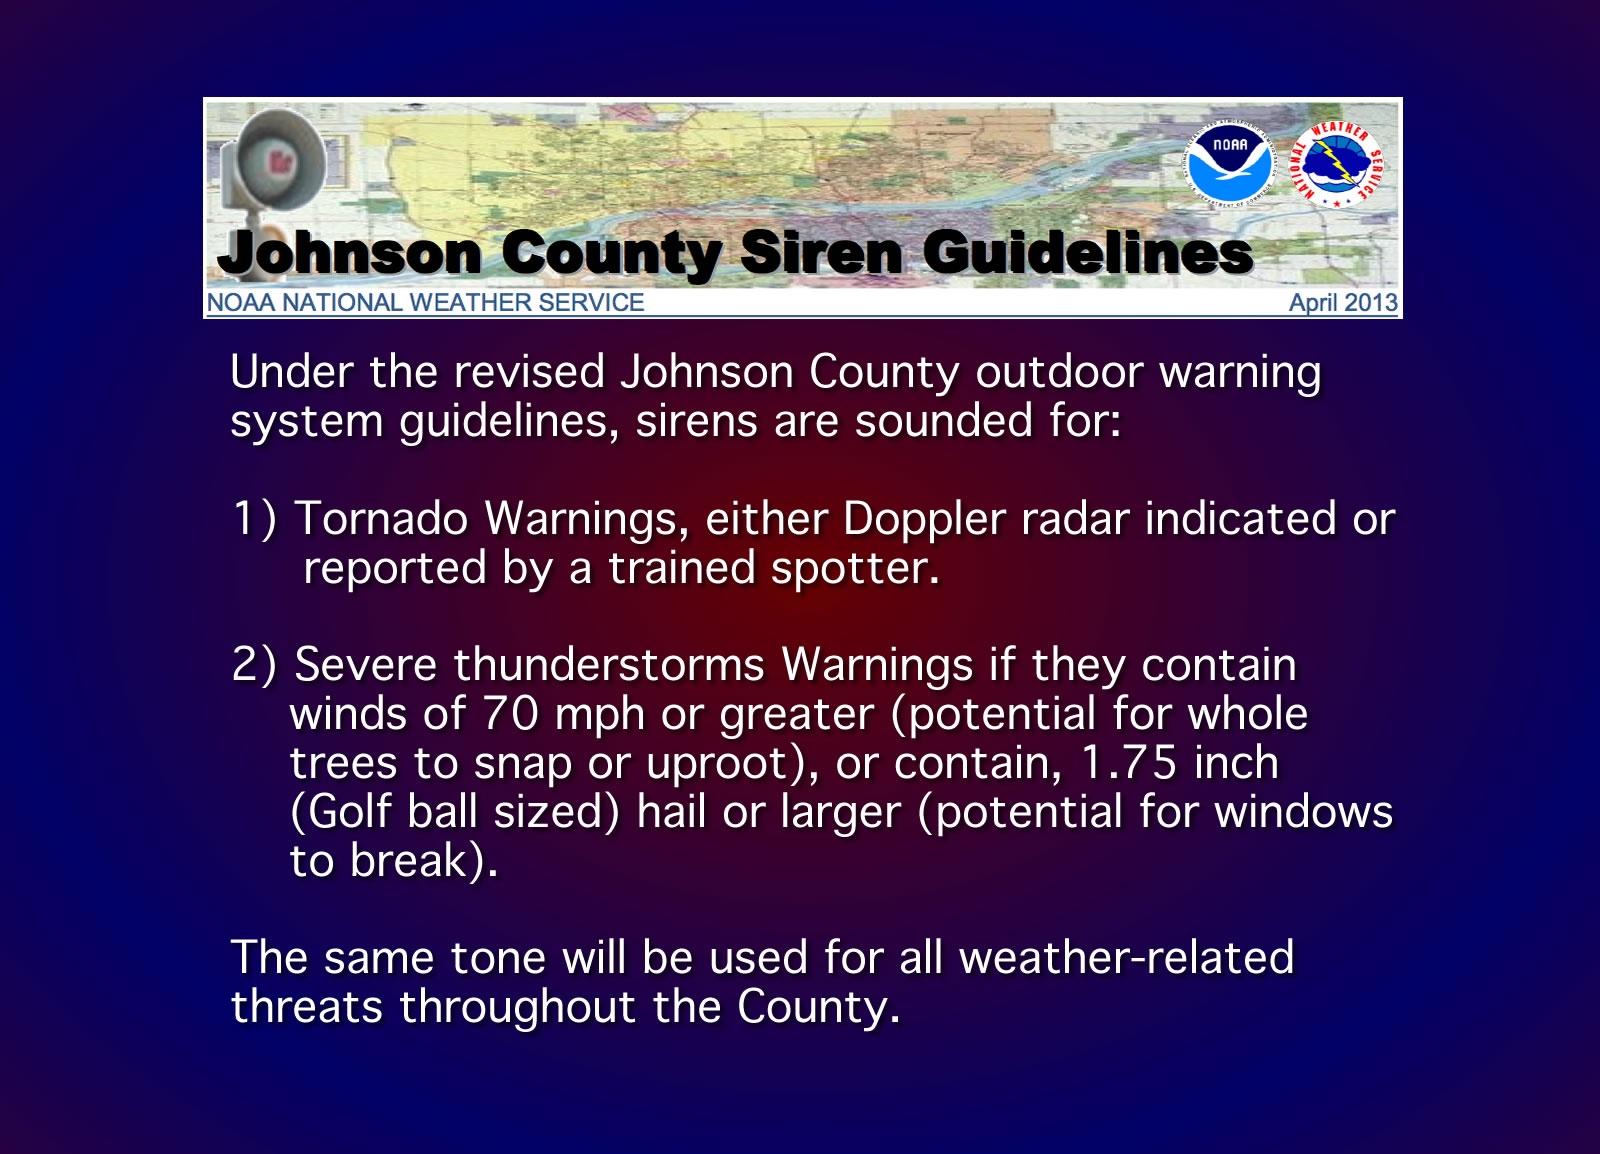 siren guidelines1